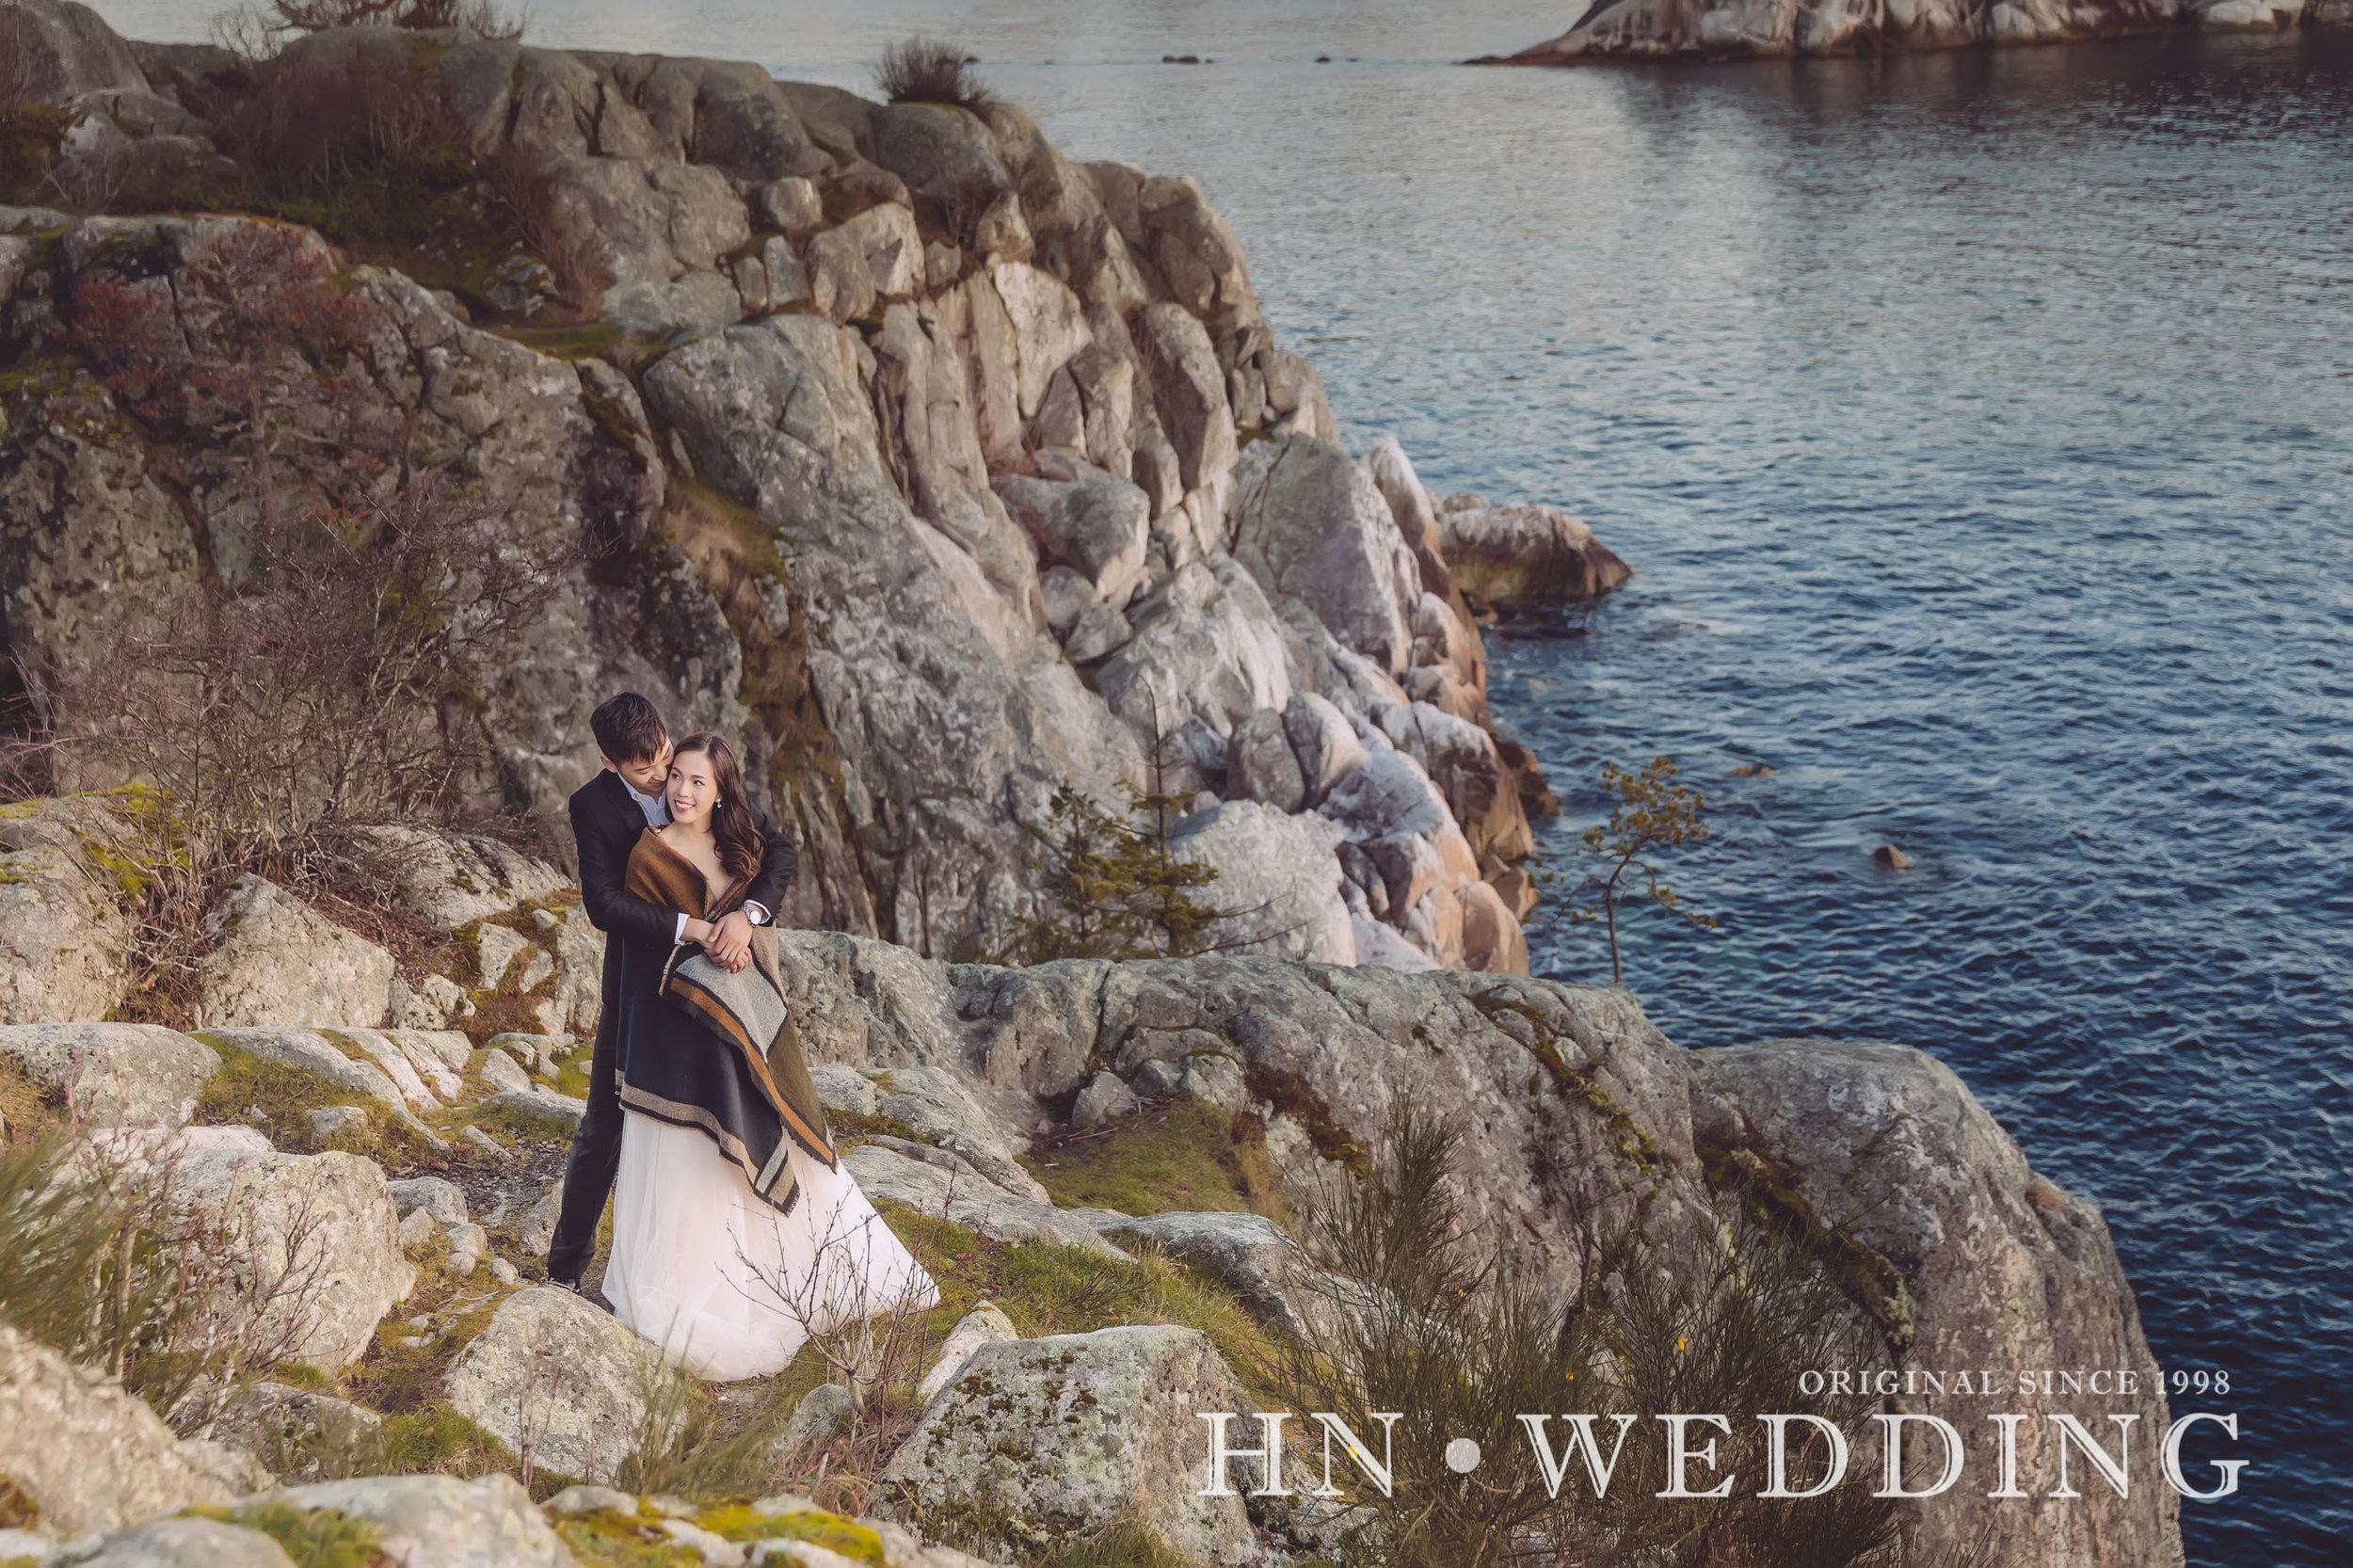 hnweddingprewedding20190220-62.jpg